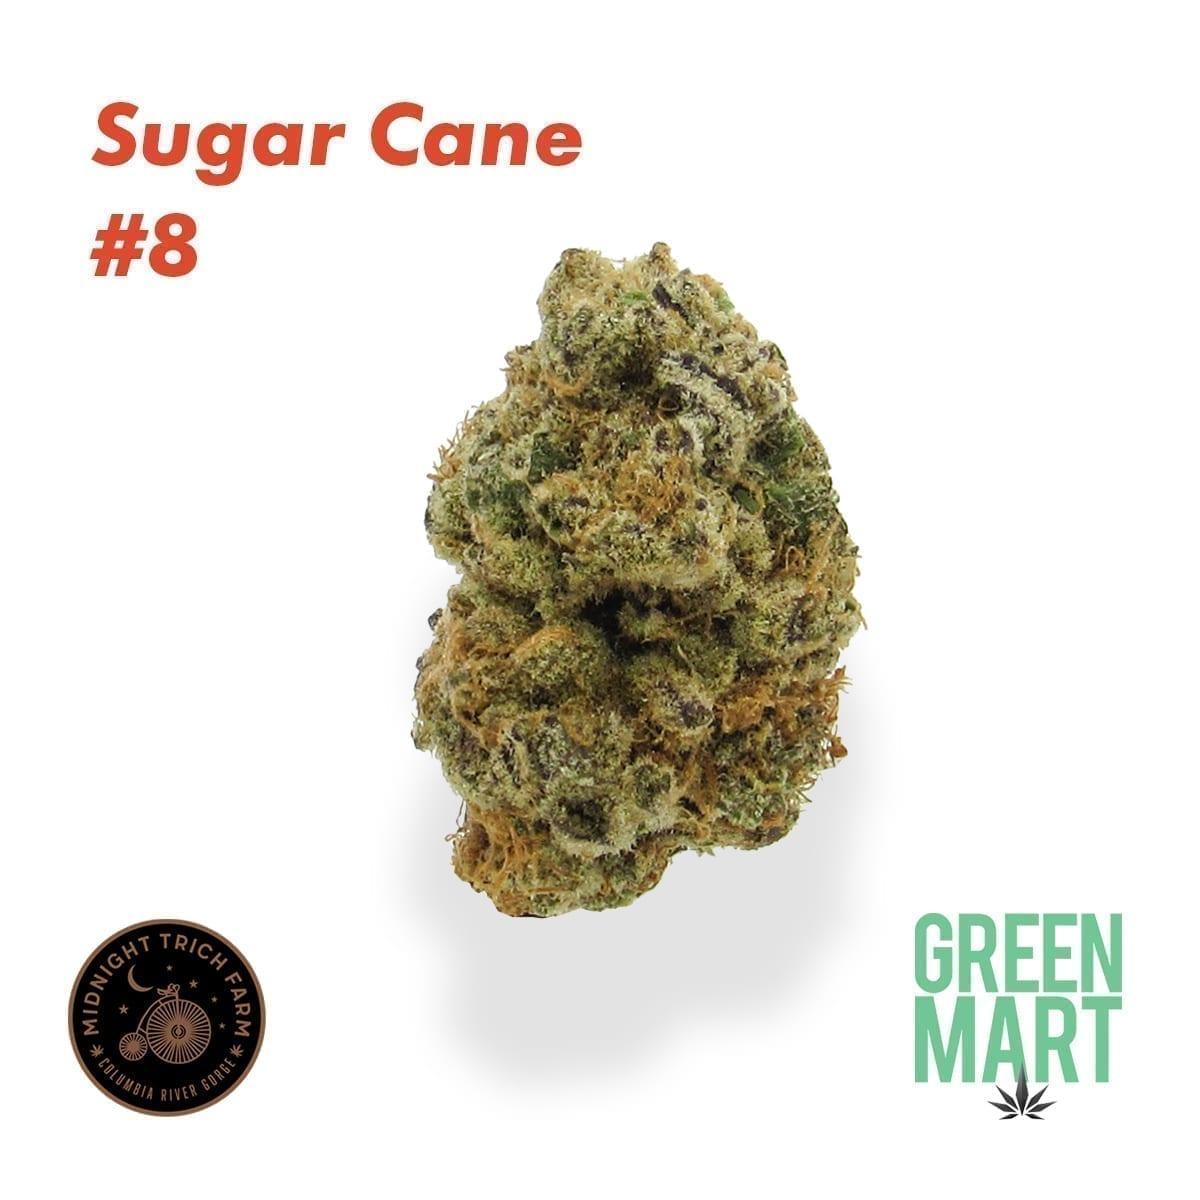 Sugar Cane #8